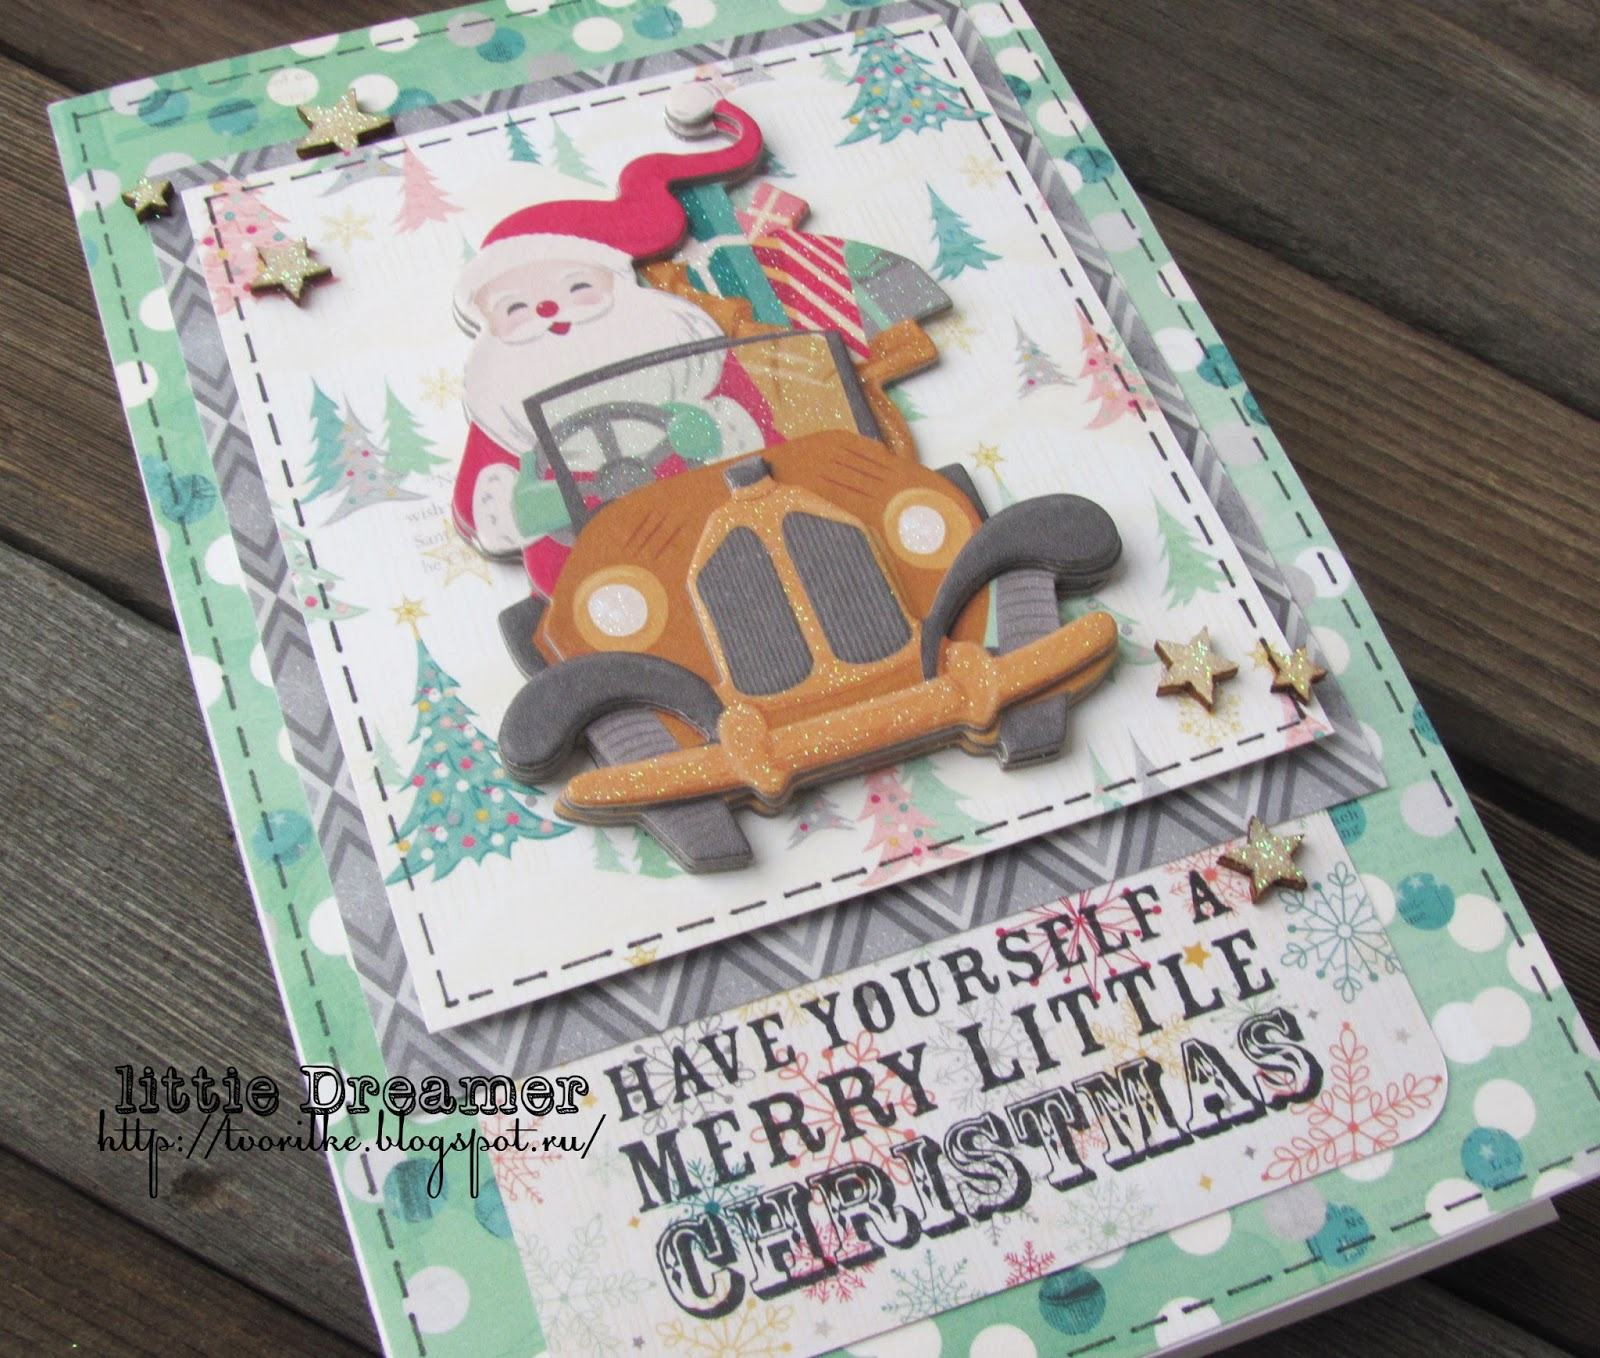 новый год, рождество, подарки, своими руками, ручная работа, скрапбукинг, открытка